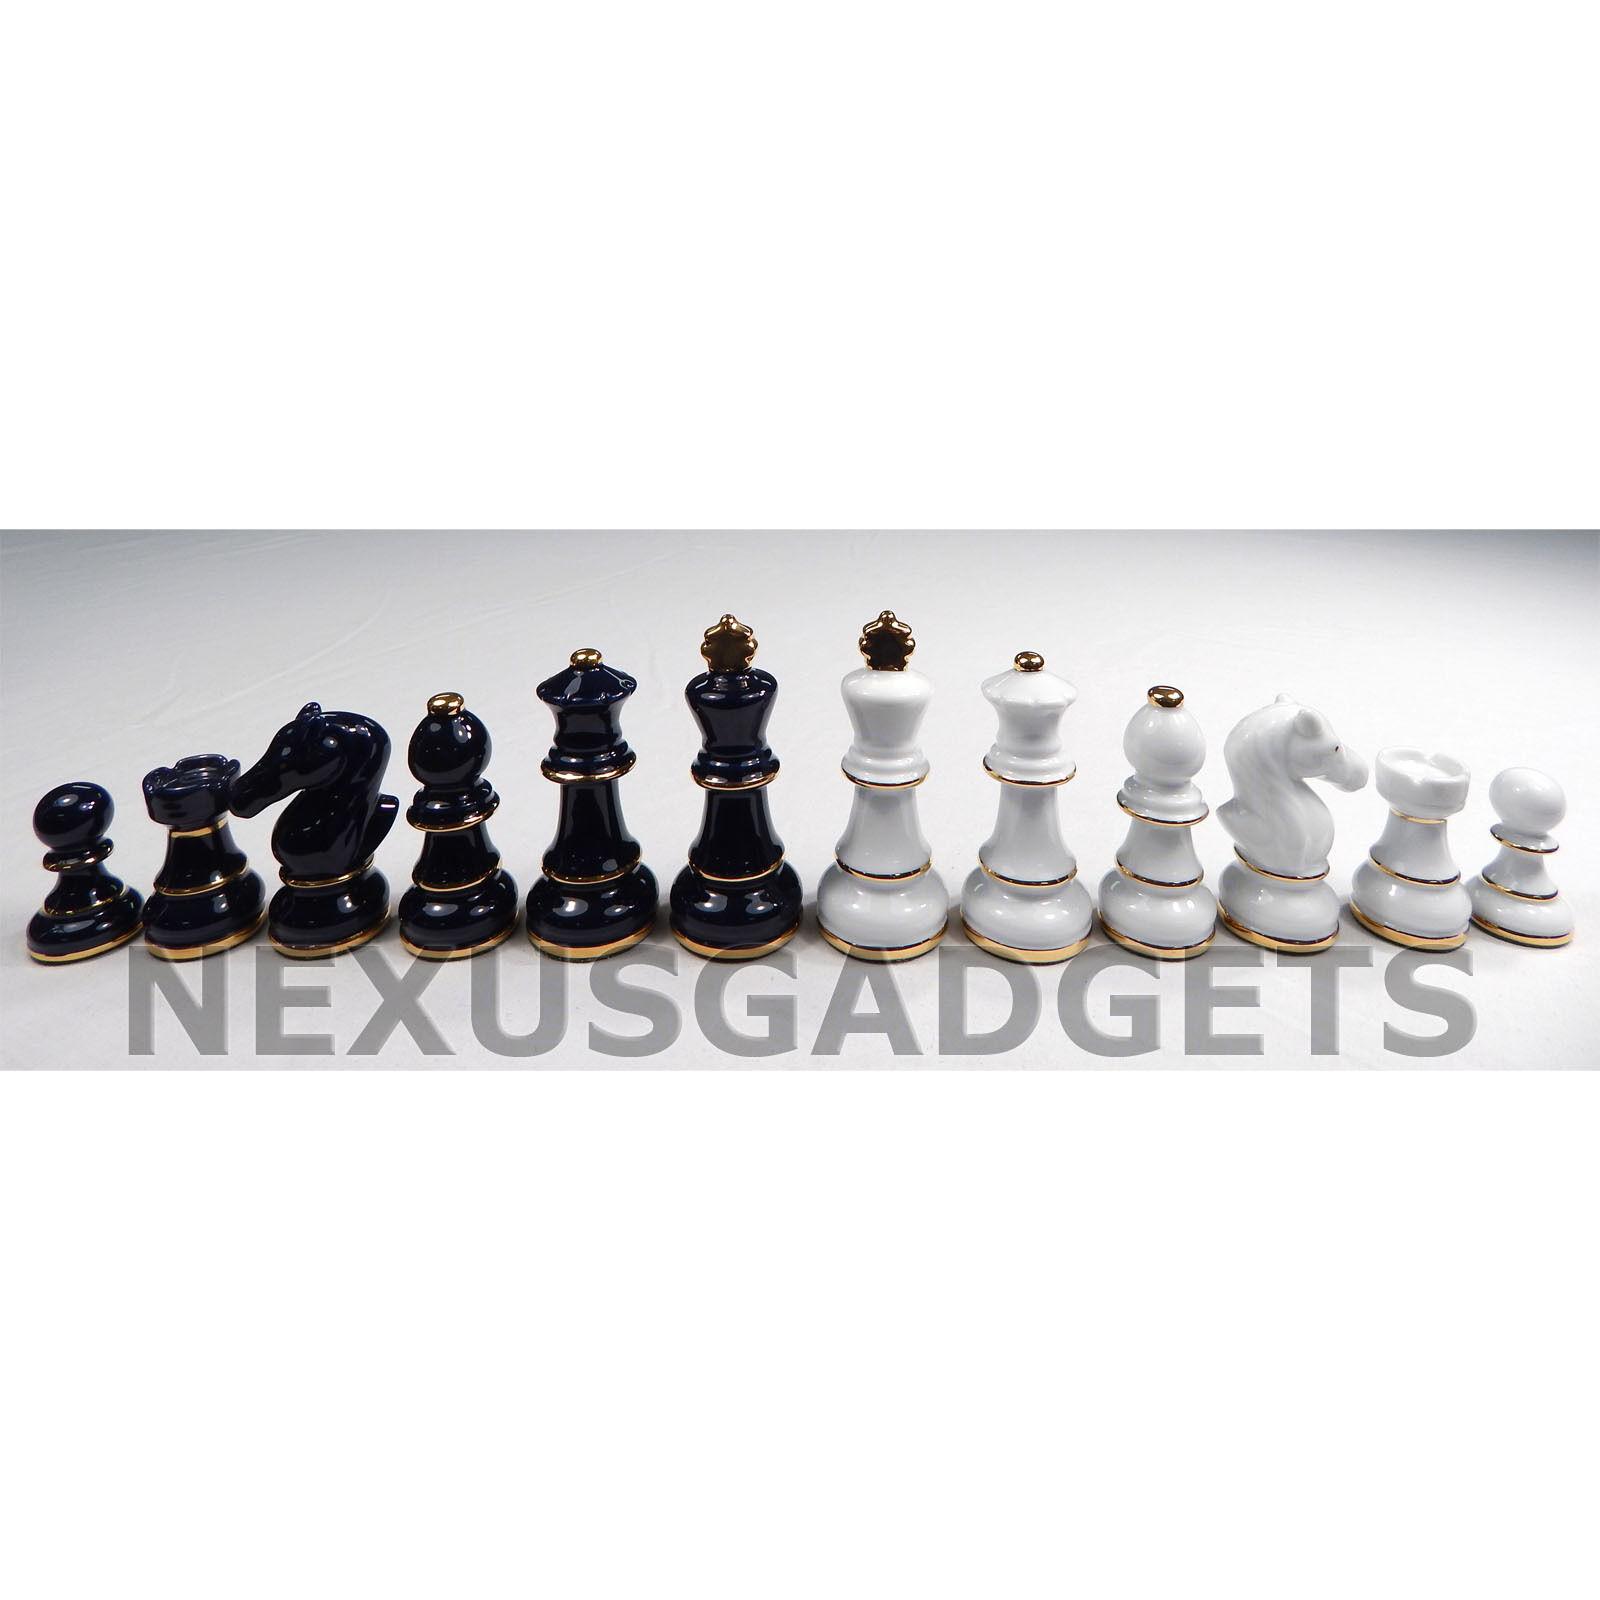 Dib Bleu Foncé & Blanc Porcelaine Pièces d'échecs 3.5 in (environ 8.89 cm) King Ensemble Classique no Board